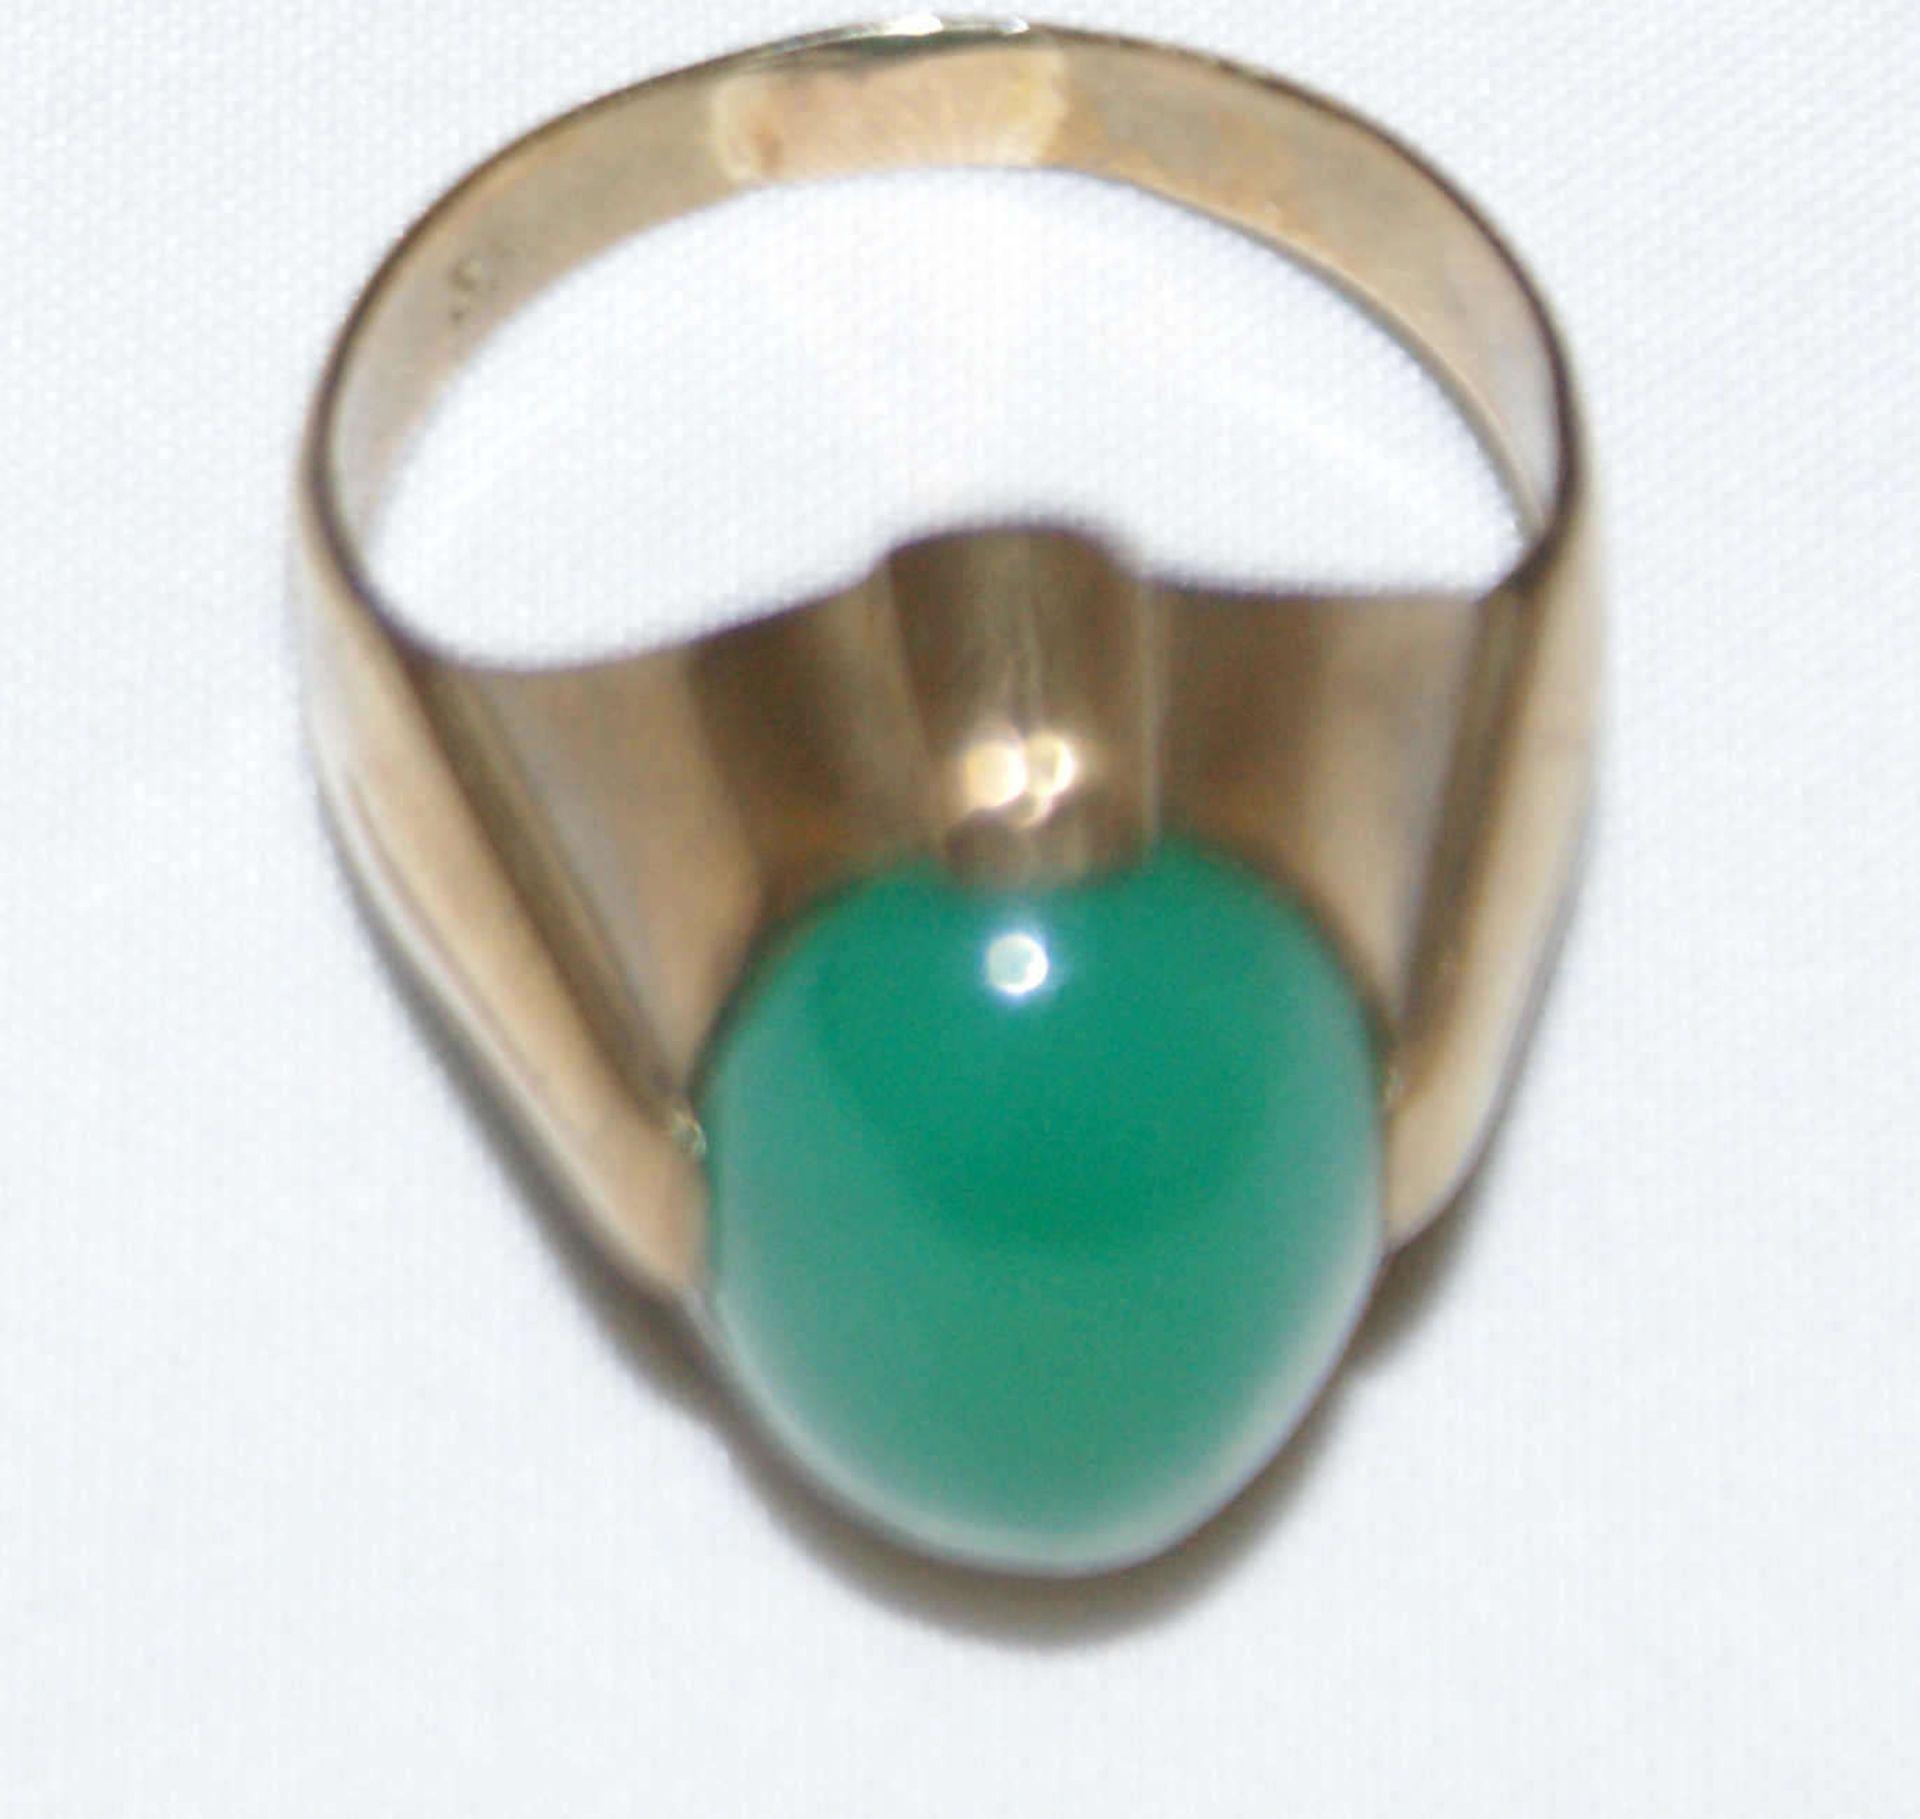 Damenring, 333er Gelbgold, besetzt mit grünem Halbedelstein. Ringgröße 50, Gewicht ca. 4 g - Bild 2 aus 2